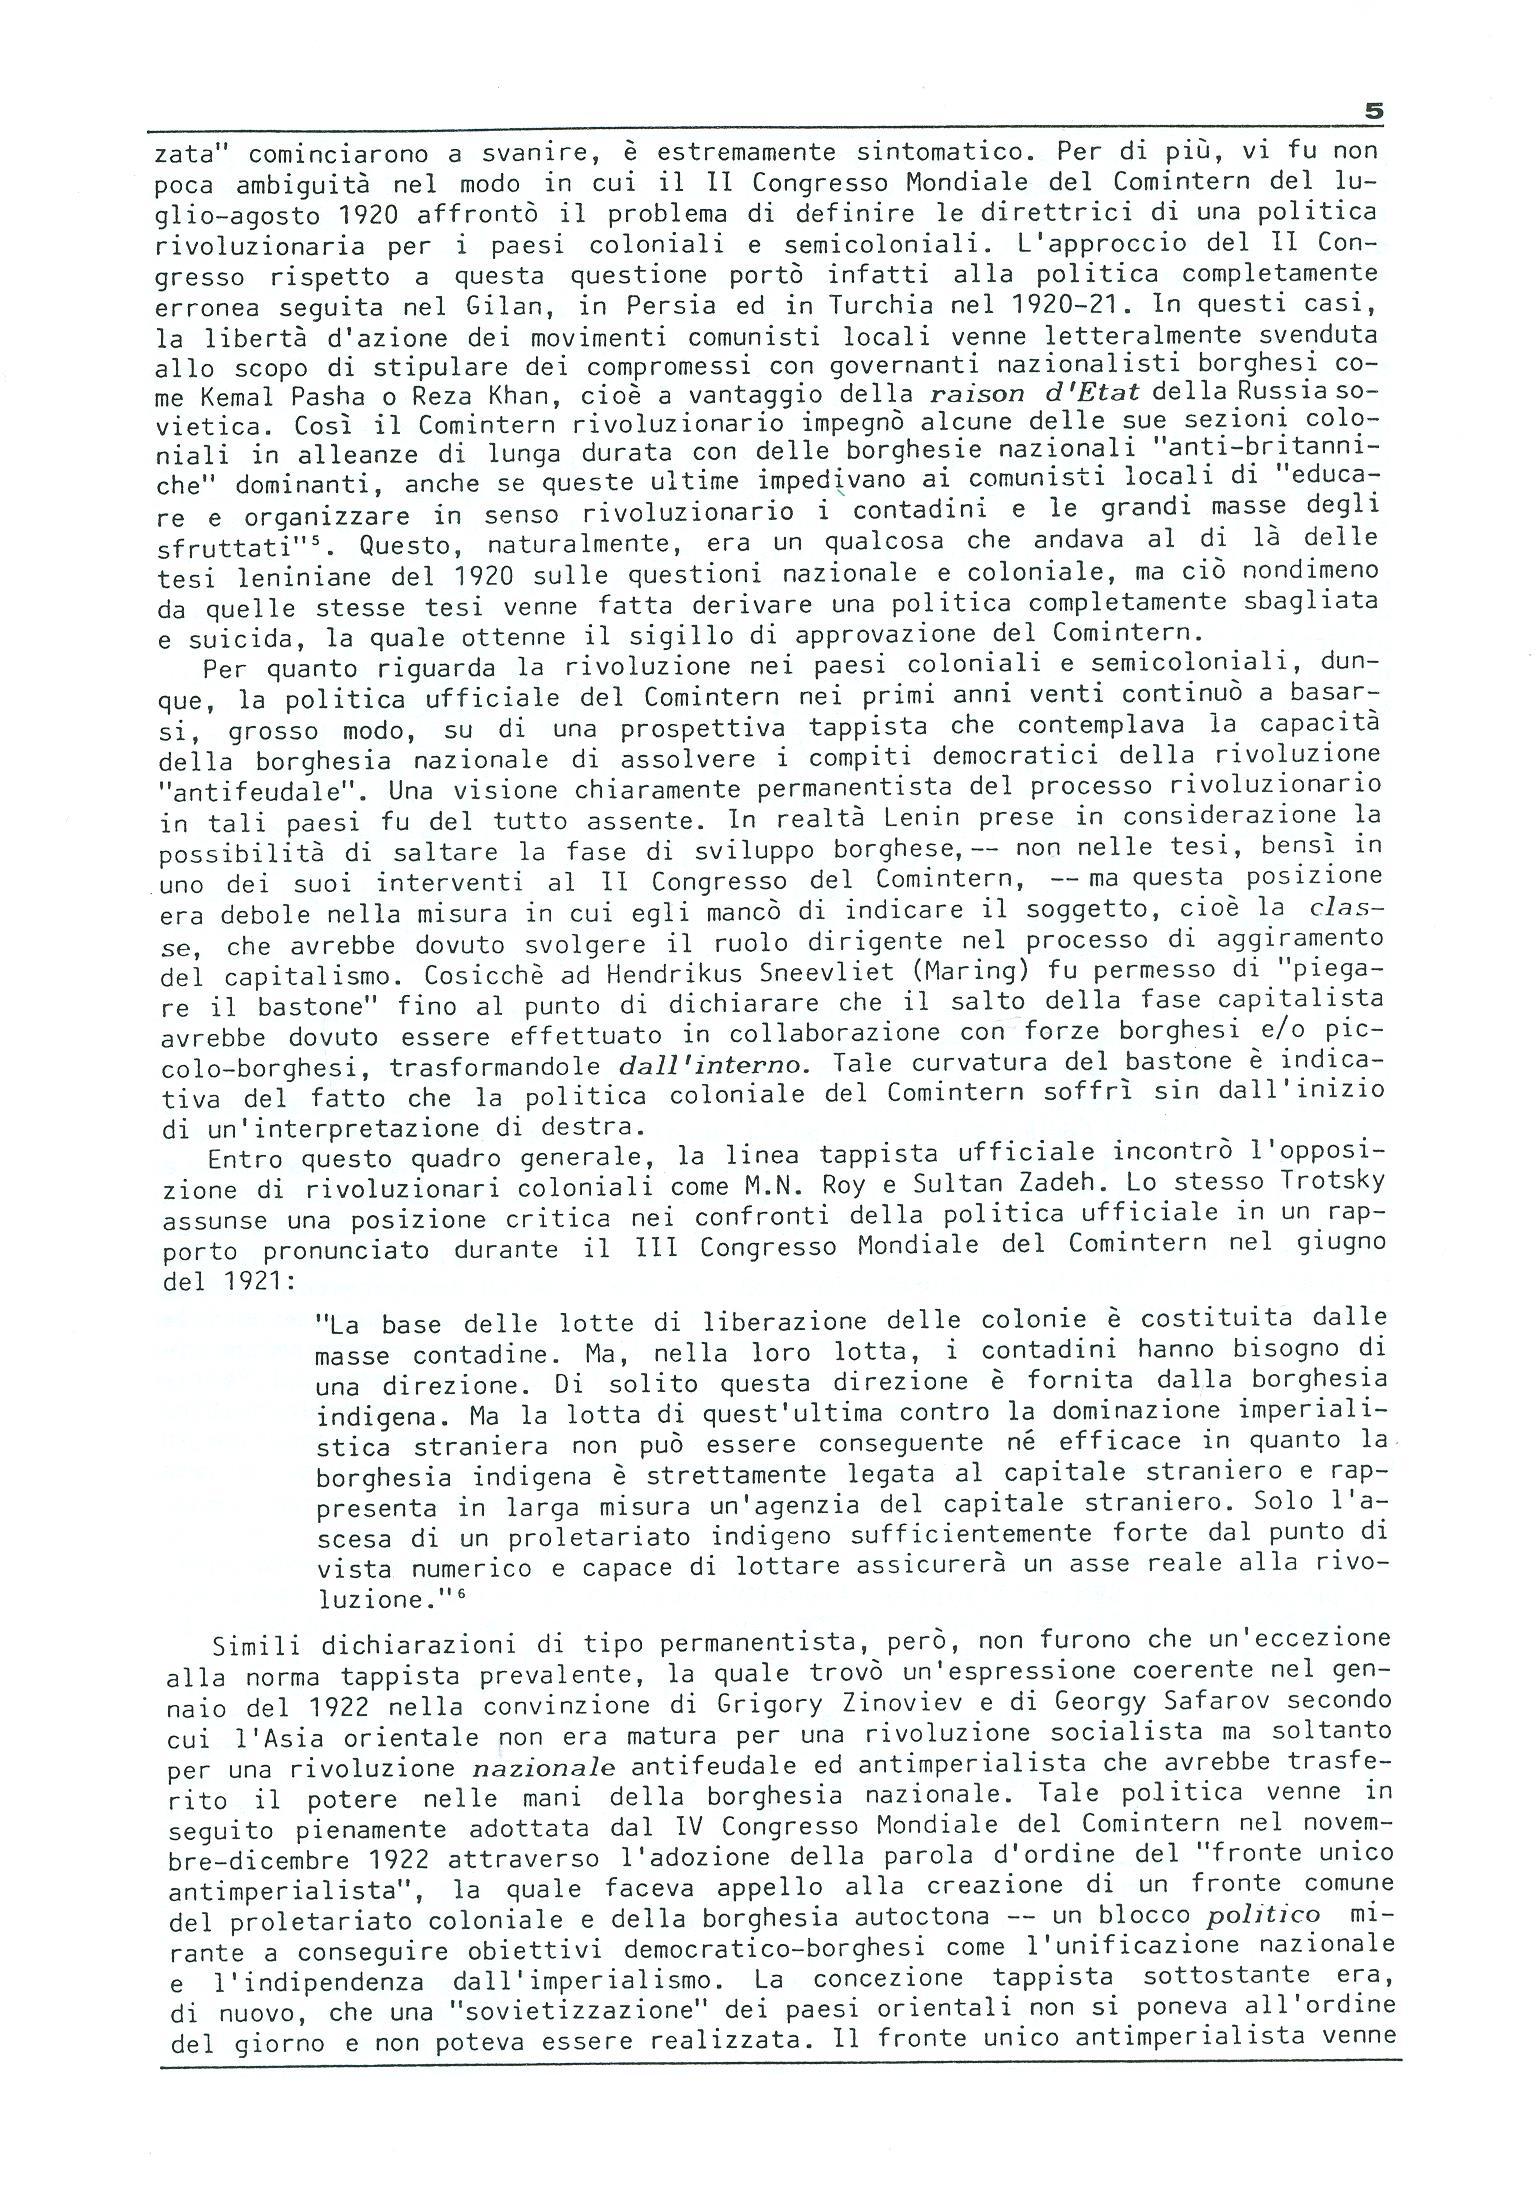 Studi e Ricerche n. 18 (aprile 1990) - pag. 5